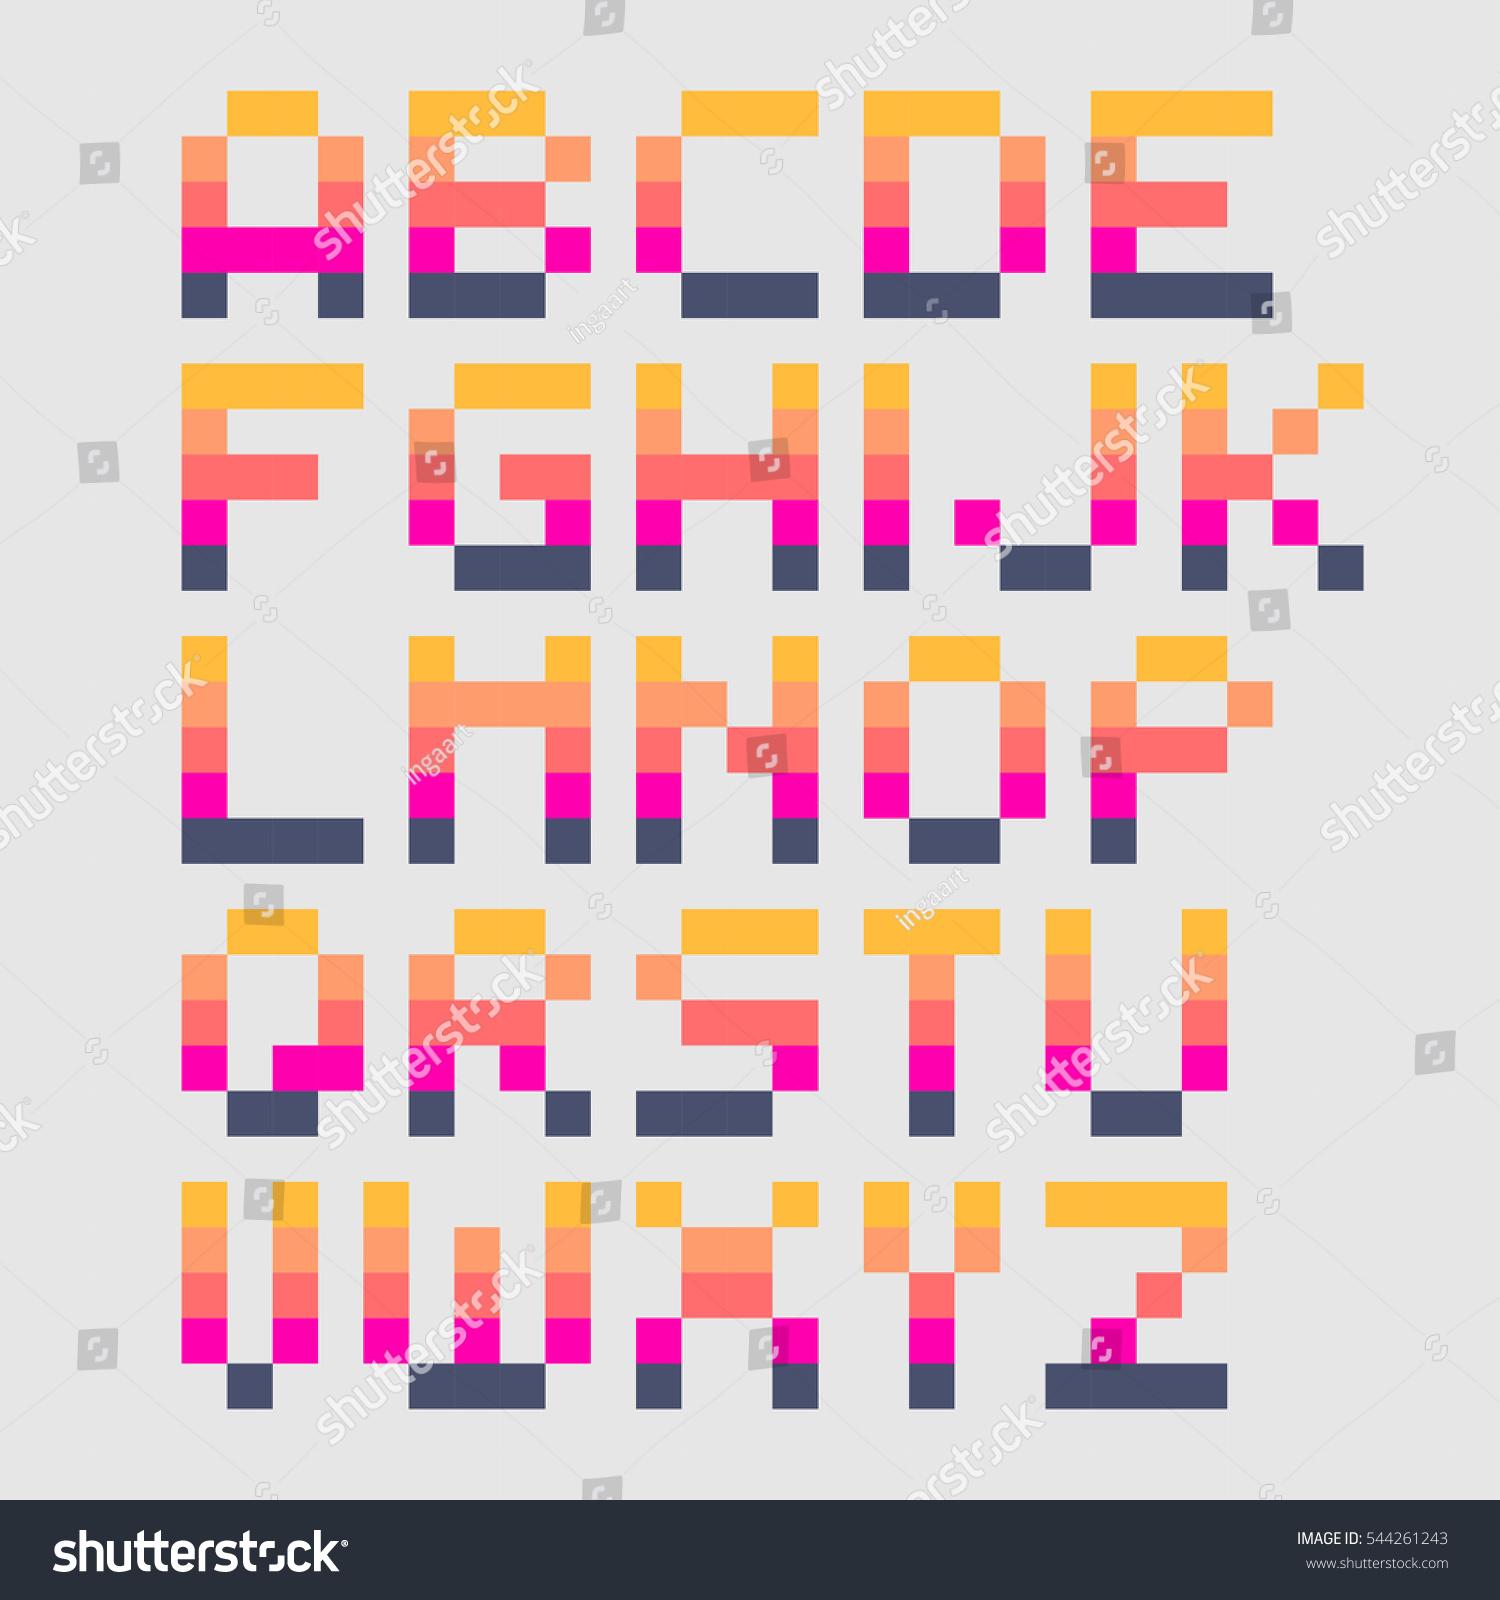 Vector Cute Pixel Art Font 4x5 Stock Vector 544261243